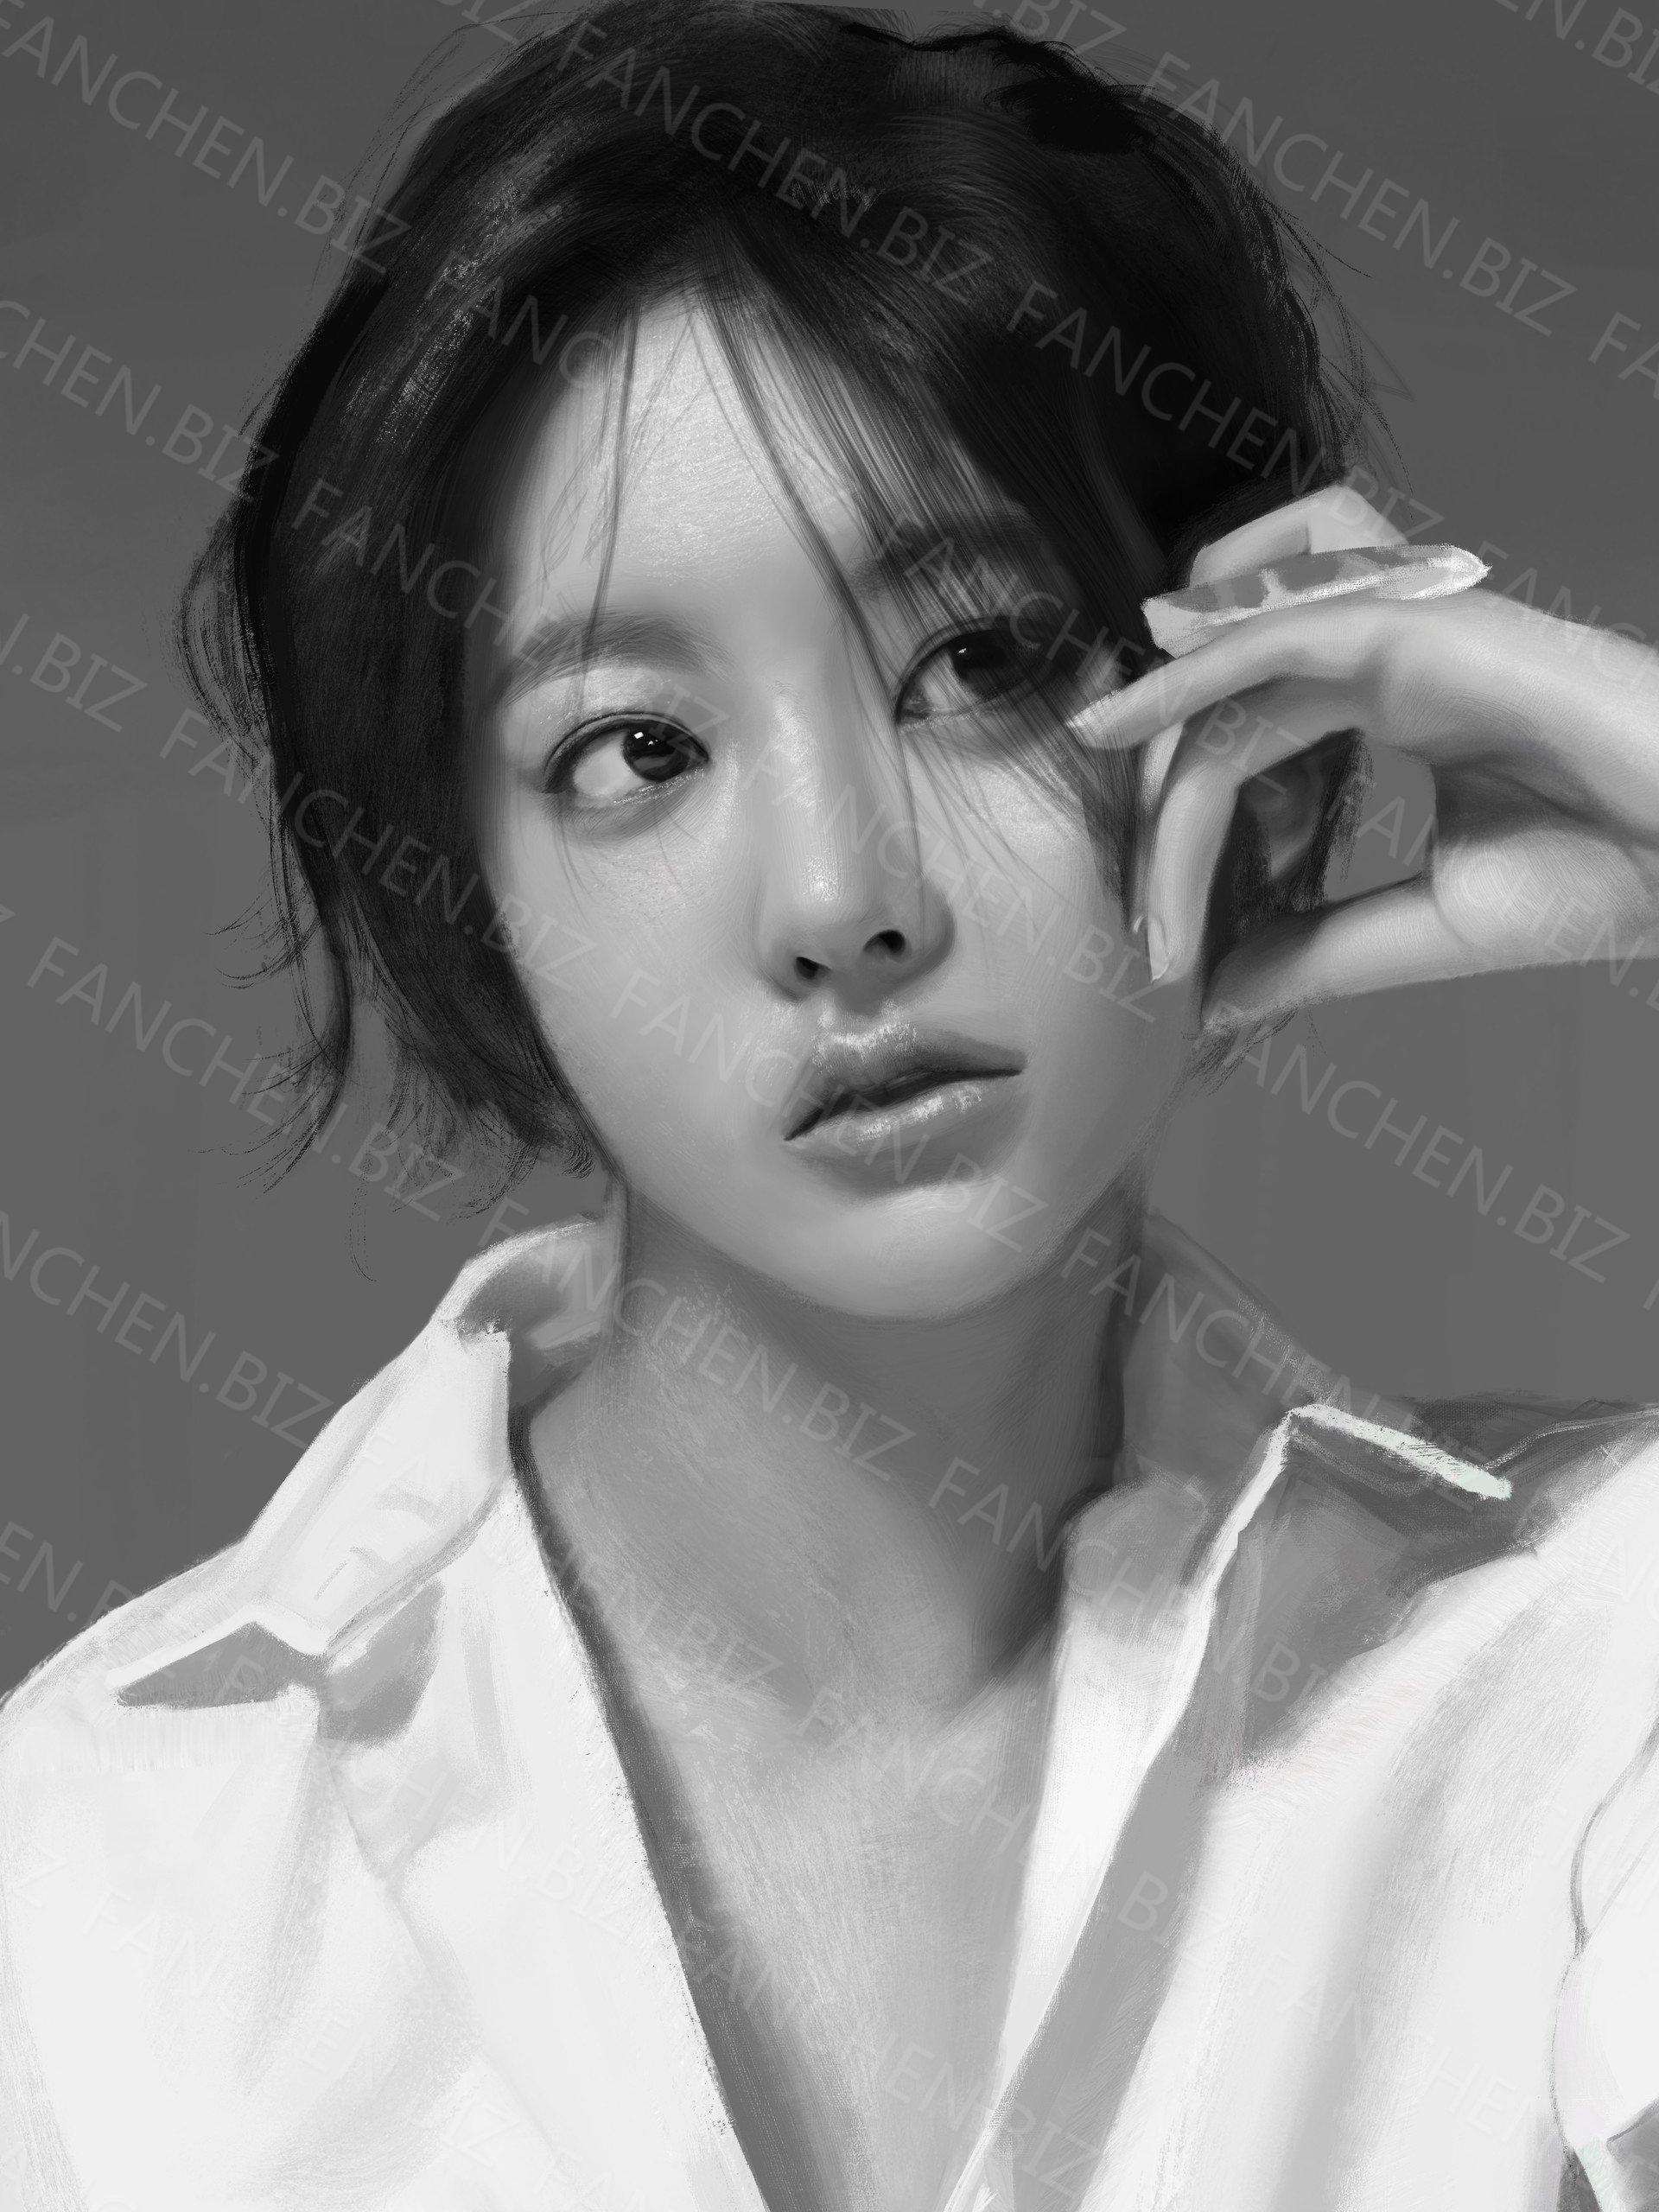 韩国画师 Minsung Jeon真人手绘插画作品合集 41.61M-FANCHENBIZ